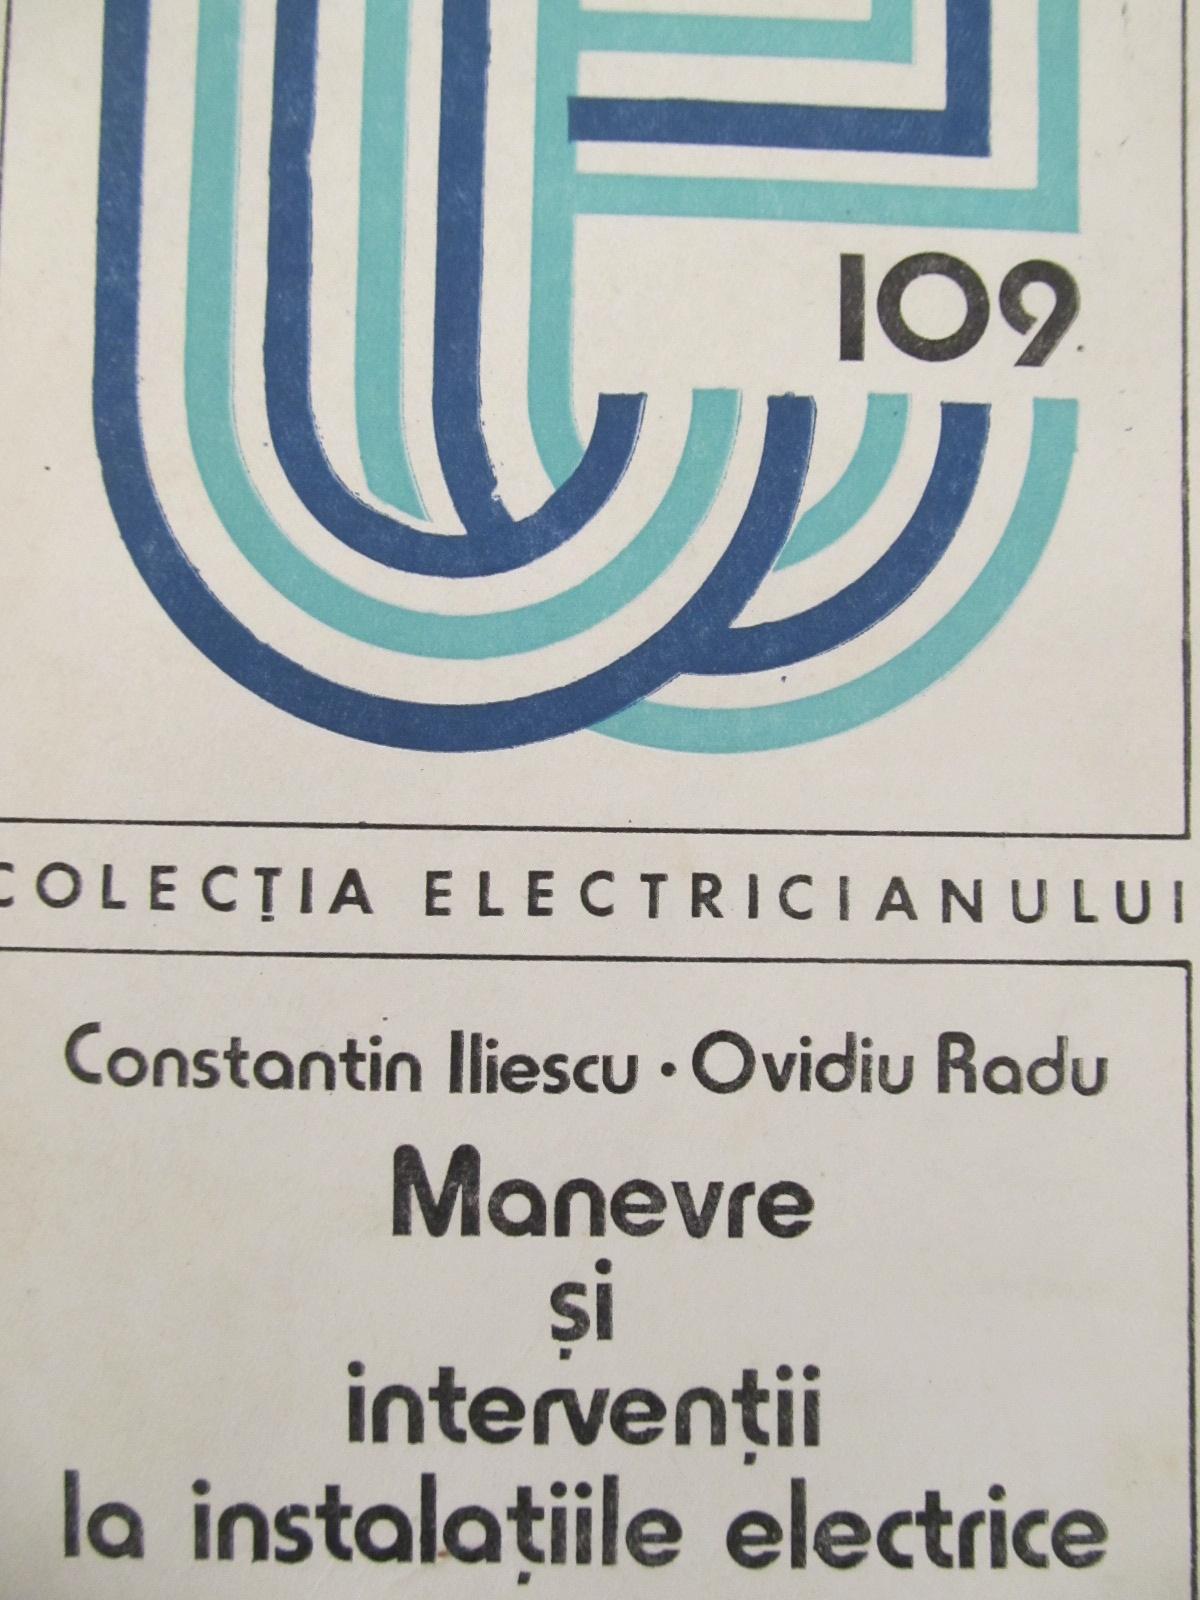 Manevre si interventii la instalatii electrice (109) [1] - Constantin Iliescu , Ovidiu Radu | Detalii carte